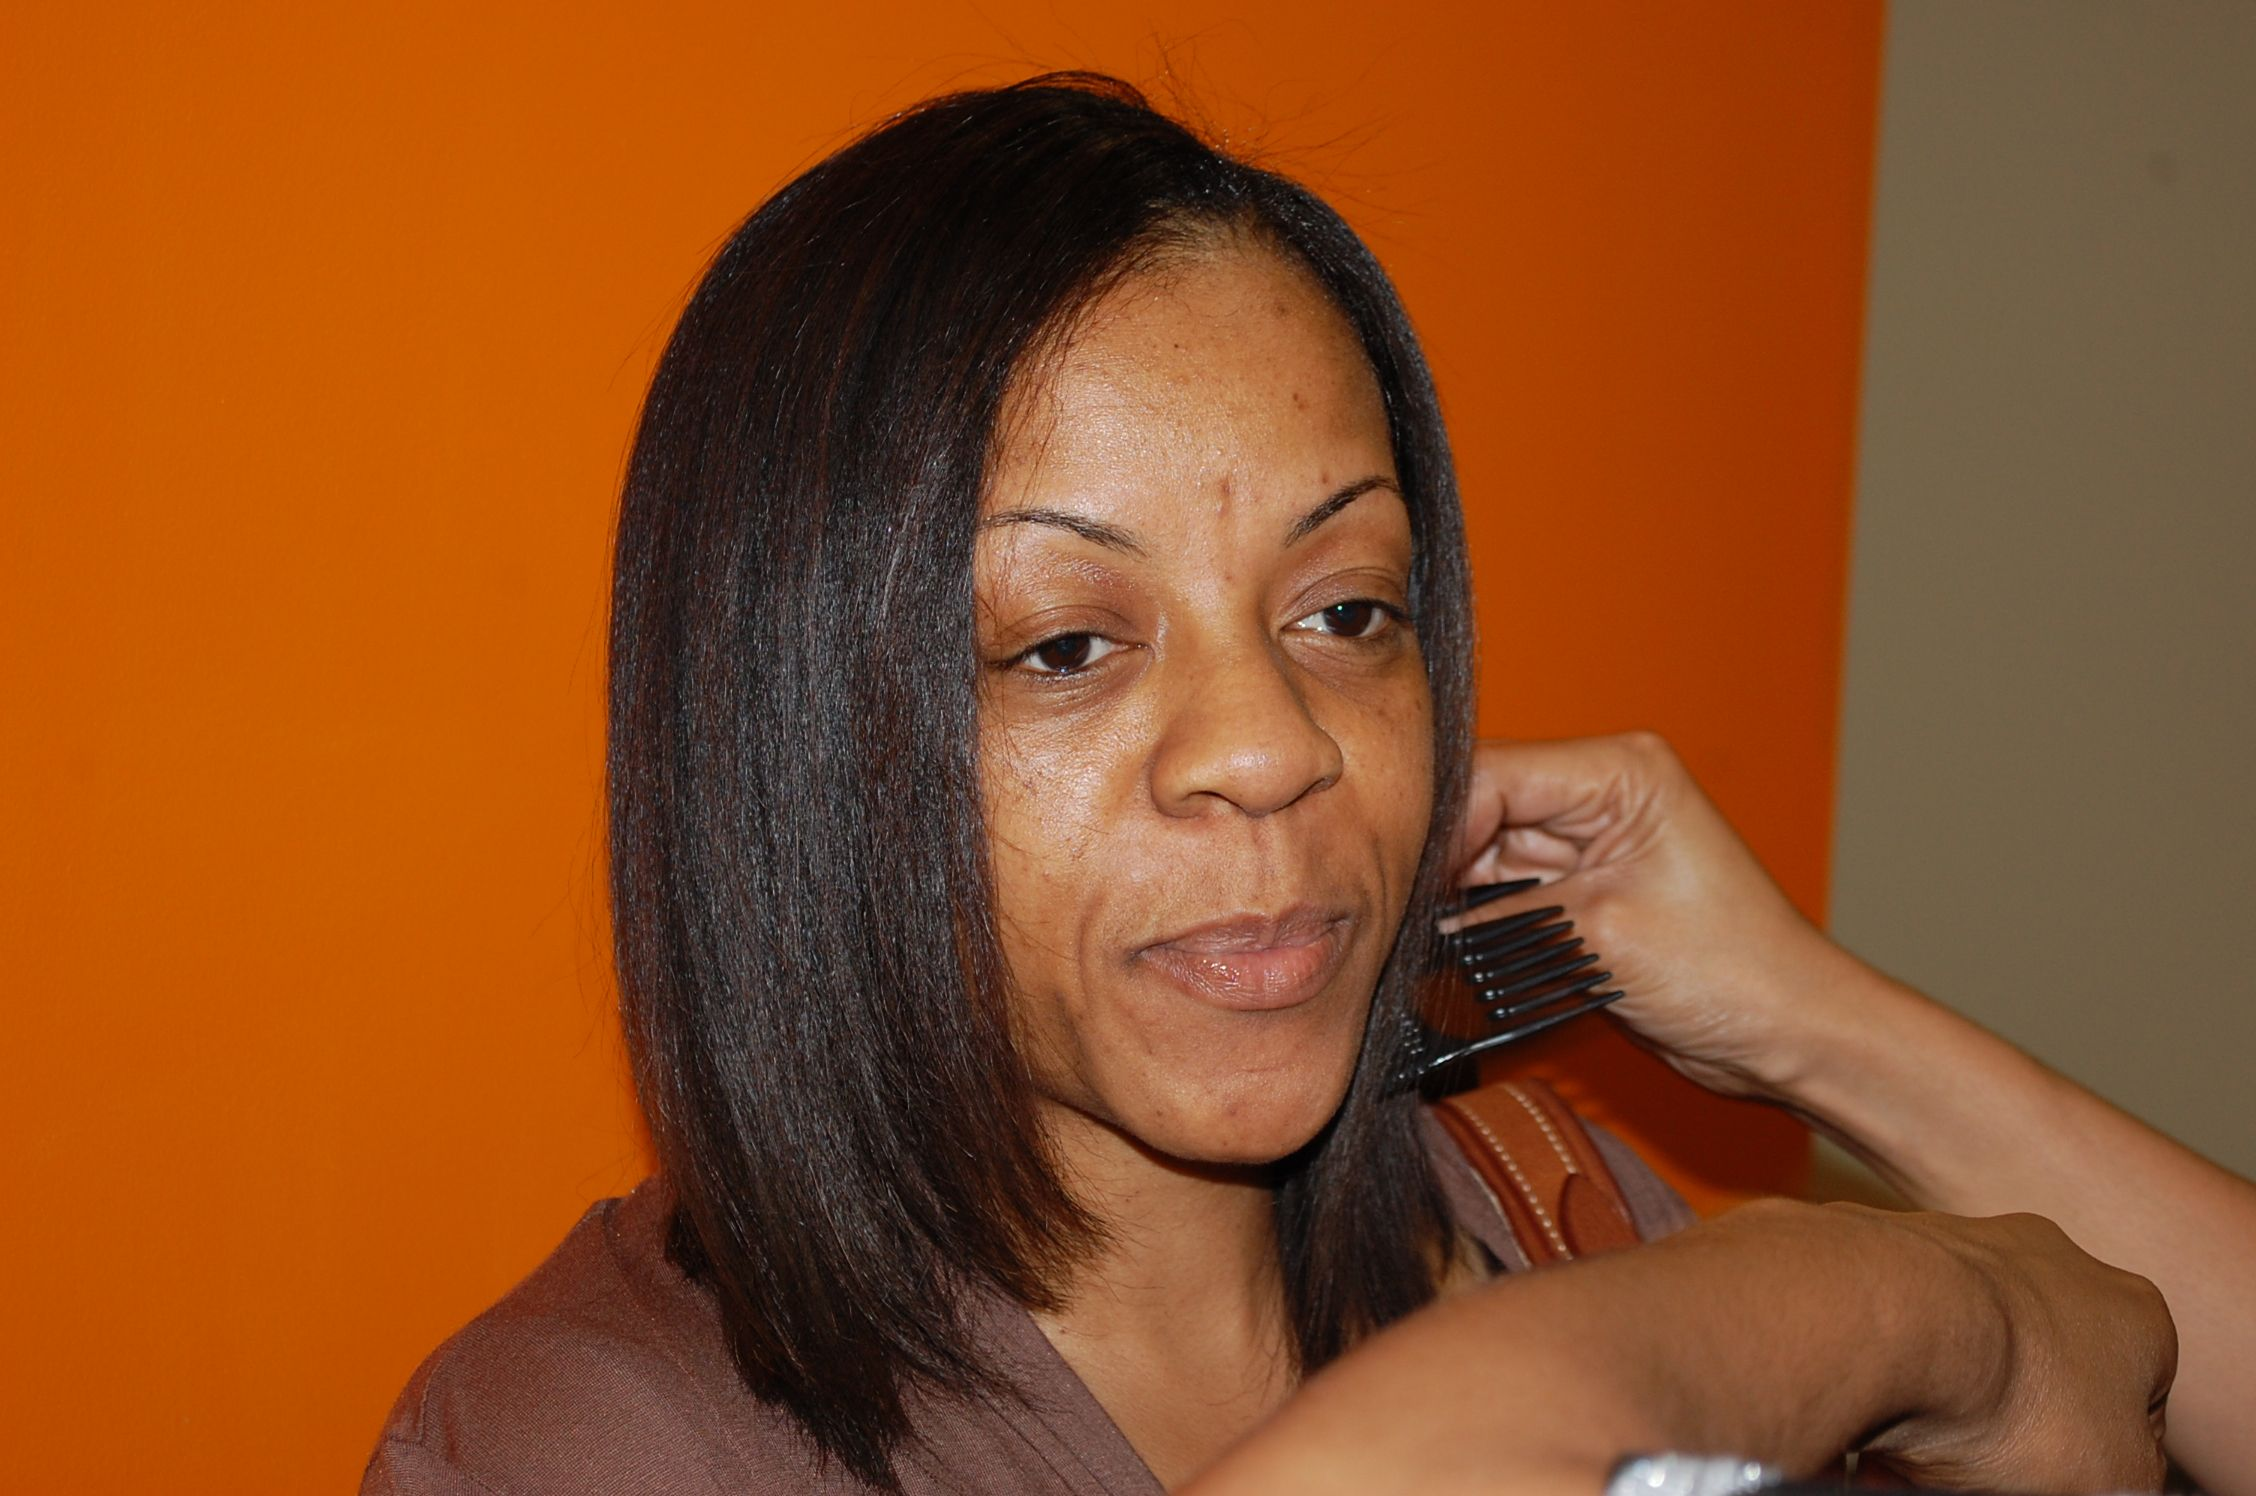 Hair Salon Woodbridge Va Short Hair Styles Short Haircut Hair